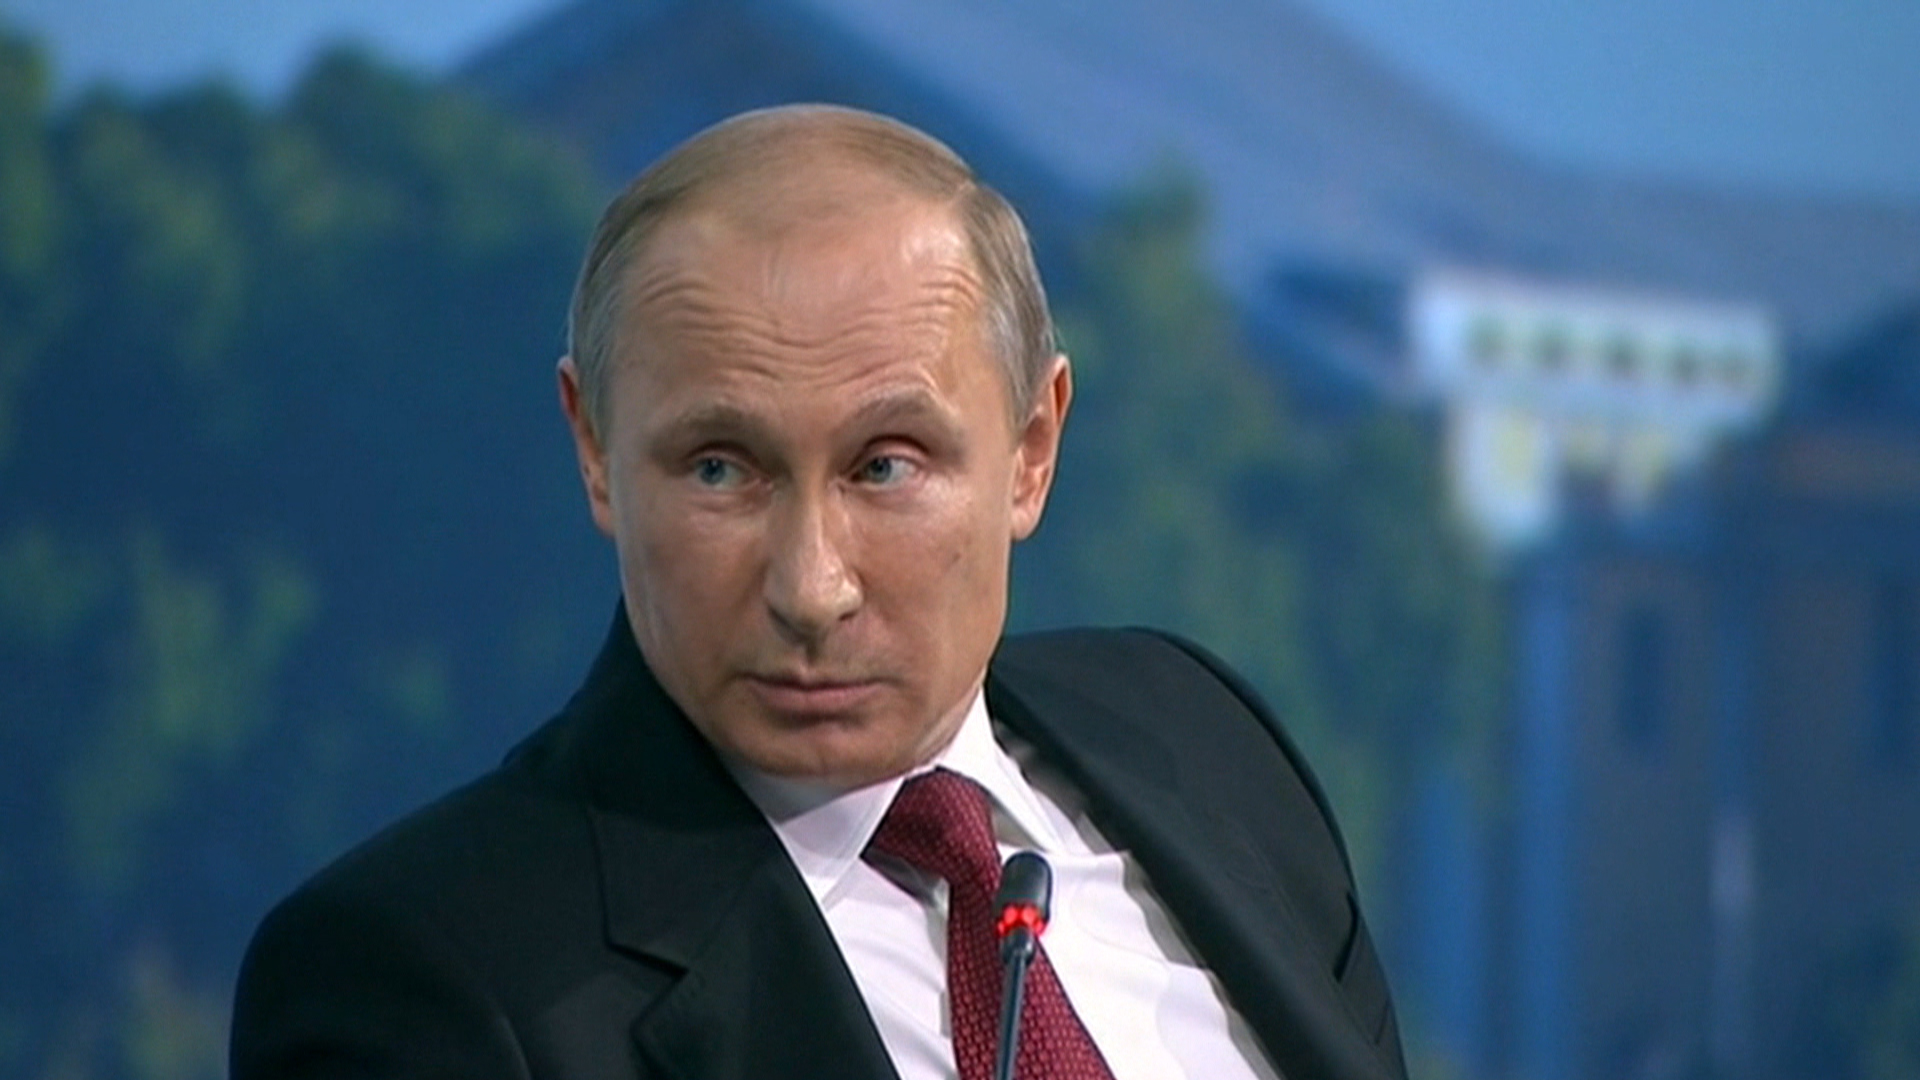 Putin on sanctions, Snowden